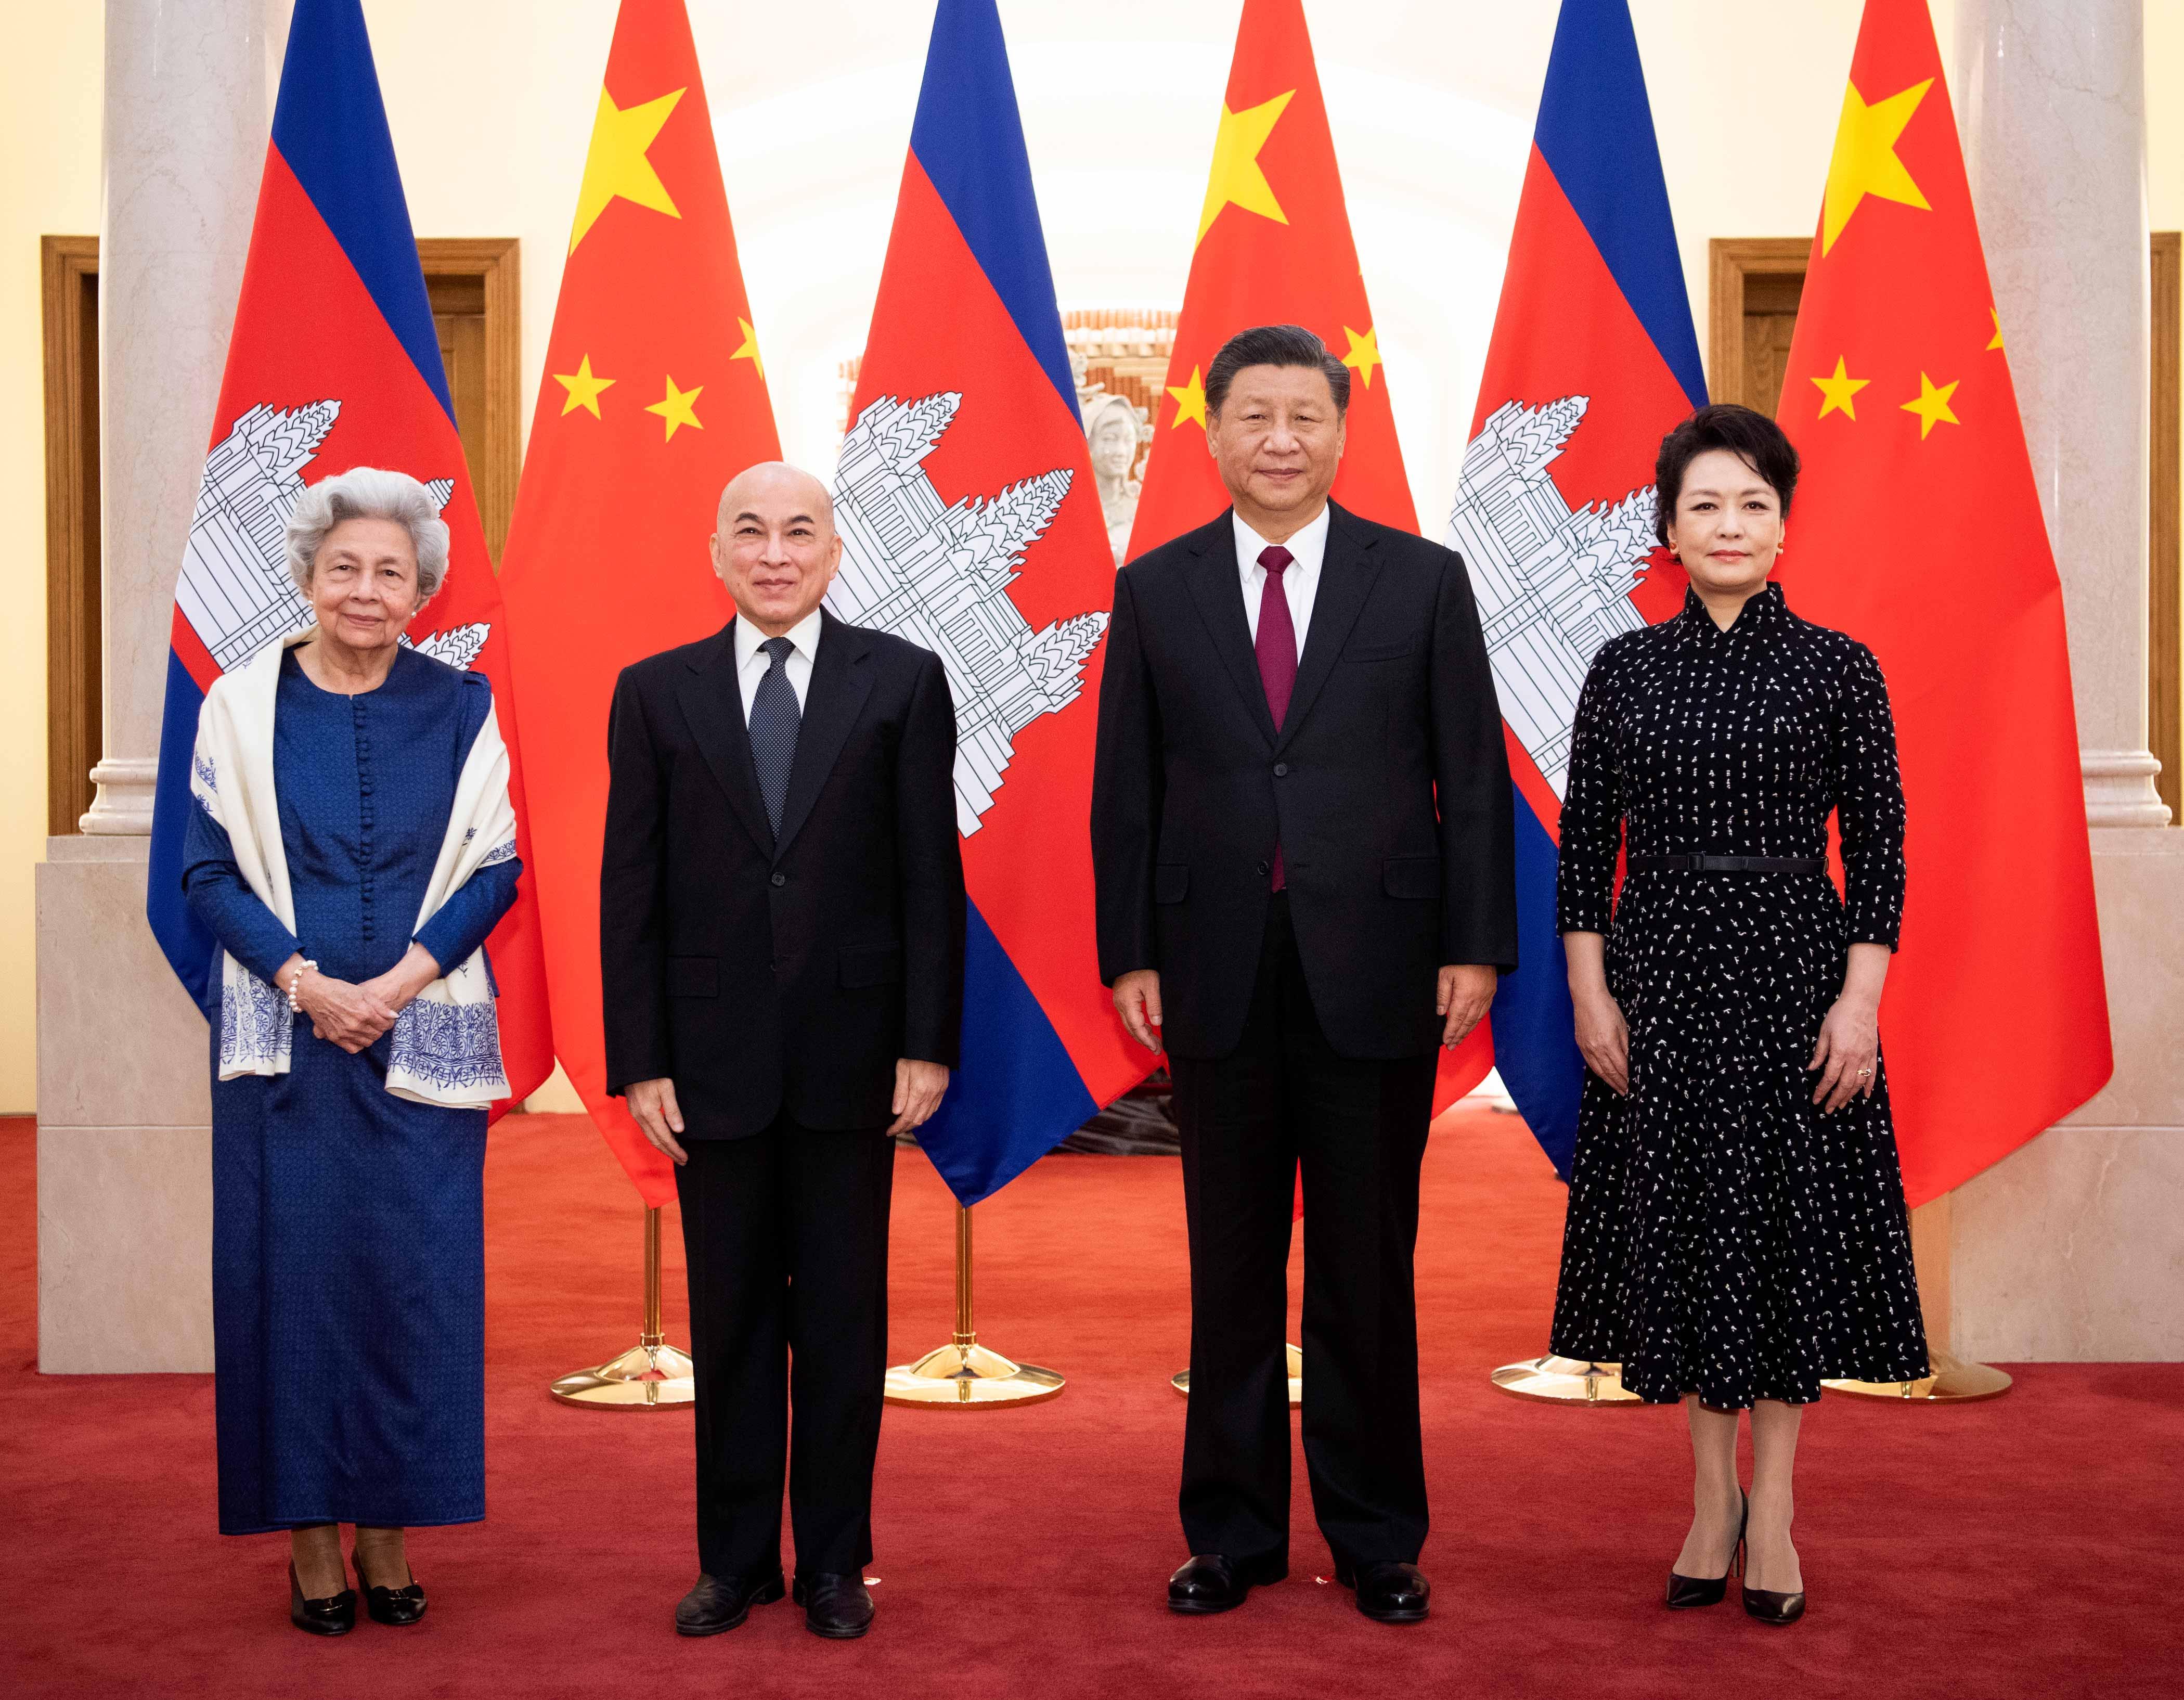 习近平夫妇会见柬埔寨国王和太后